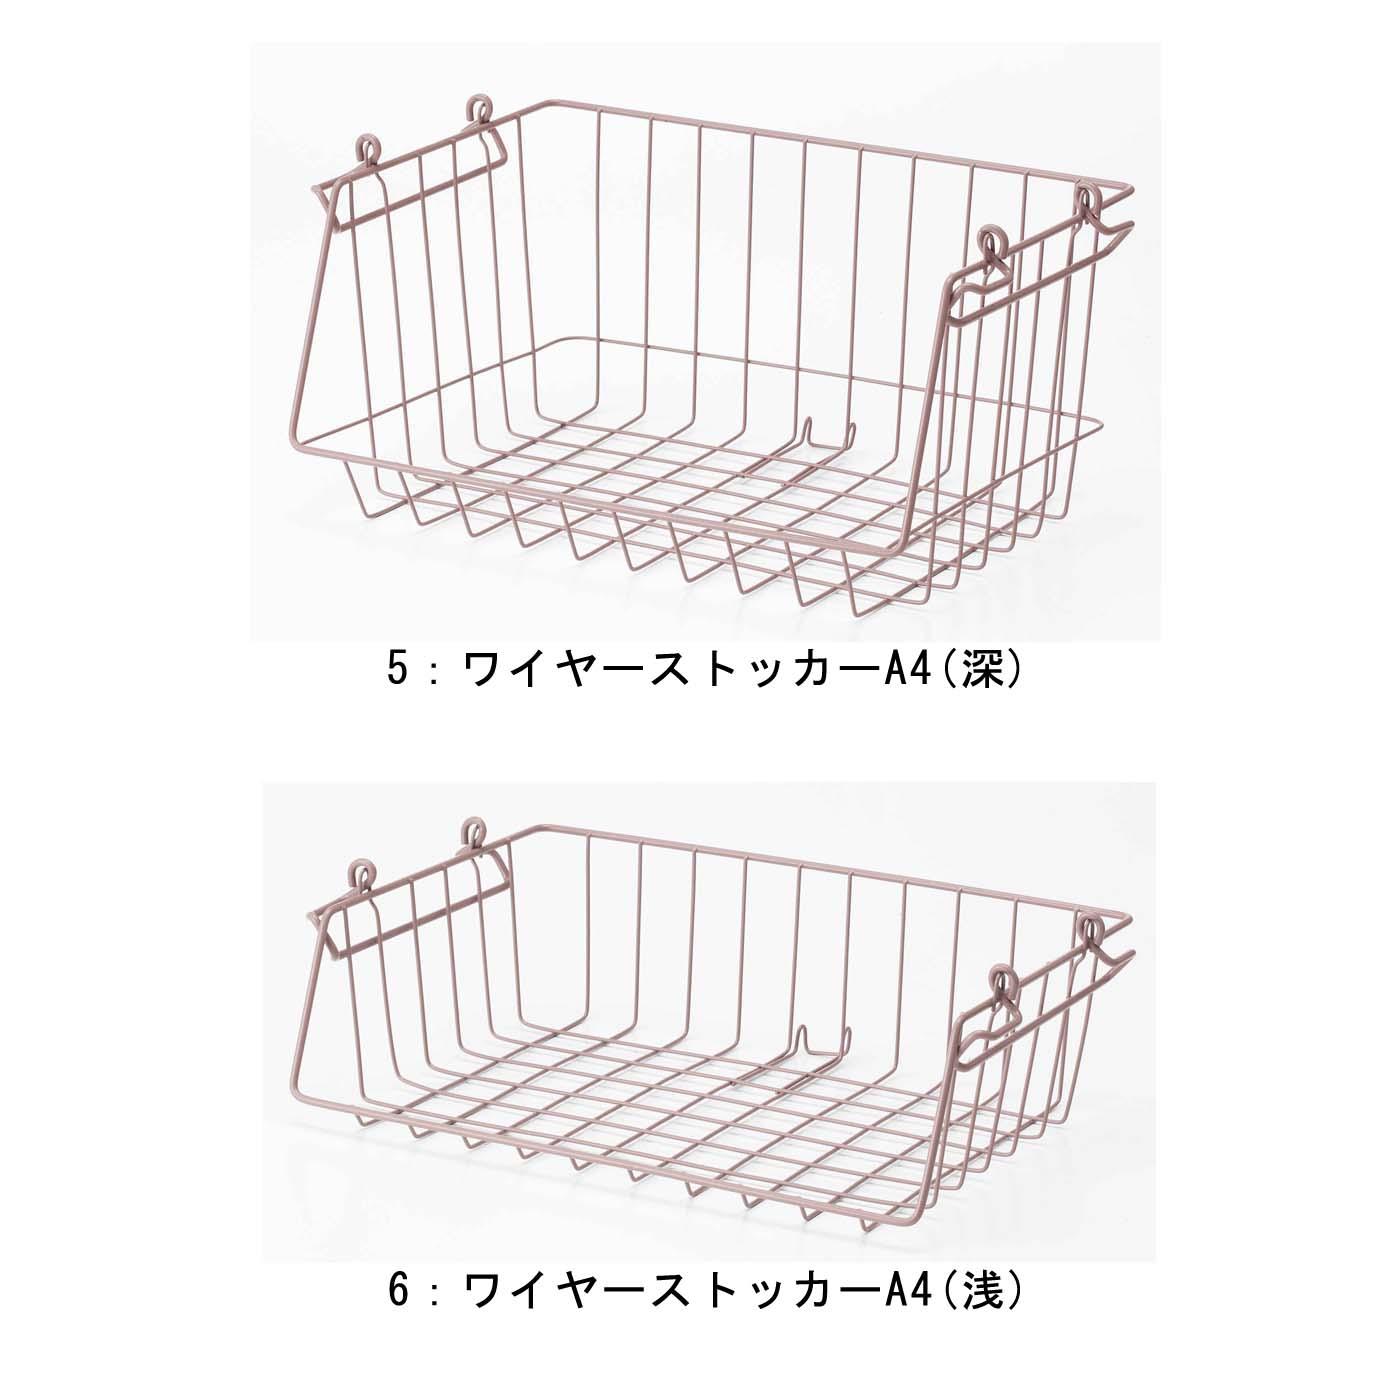 ●タイプ5:ワイヤーストッカーA4(深) ■素材/スチール(エポキシ塗装) ■サイズ/外寸:縦約35cm、横約24.5cm、高さ約18cm 内寸:縦約31cm、横約21.5cm、高さ約16cm ■耐荷重2kg ■2段までスタッキング可能 ●タイプ6:ワイヤーストッカーA4(浅) ■素材/スチール(エポキシ塗装) ■サイズ/外寸:縦約35cm、横約24.5cm、高さ約11cm 内寸:縦約31cm、横約21.5cm、高さ約9.5cm ■耐荷重1kg ■2段までスタッキング可能 ※タイプ5・6とも中国製